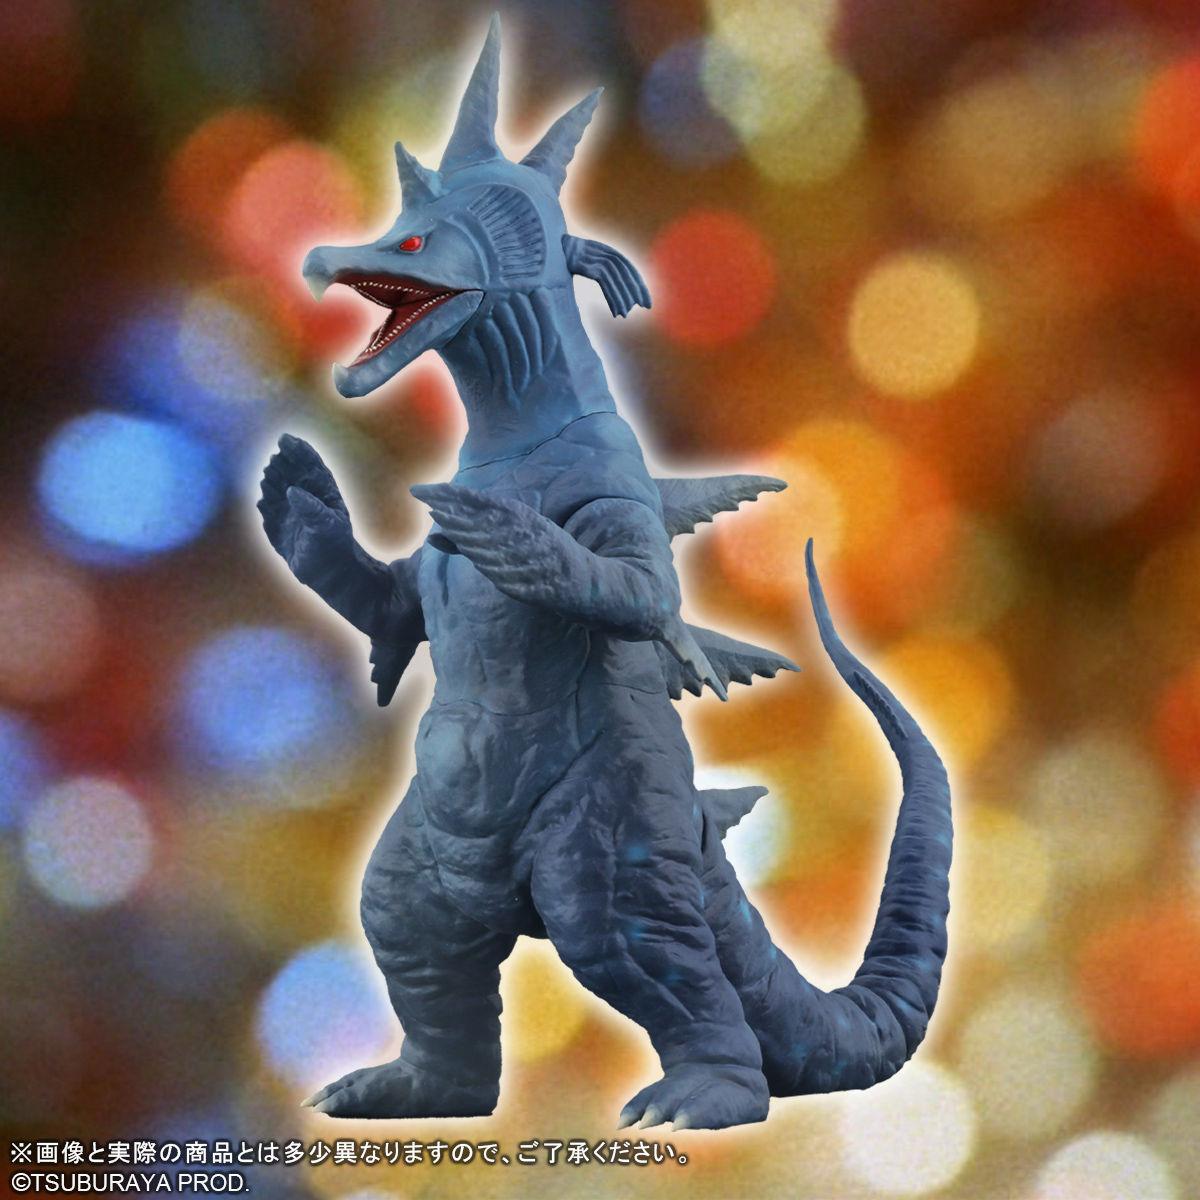 【限定販売】ウルトラ大怪獣シリーズ5000『ガボラ/ムルチ』完成品フィギュア-009